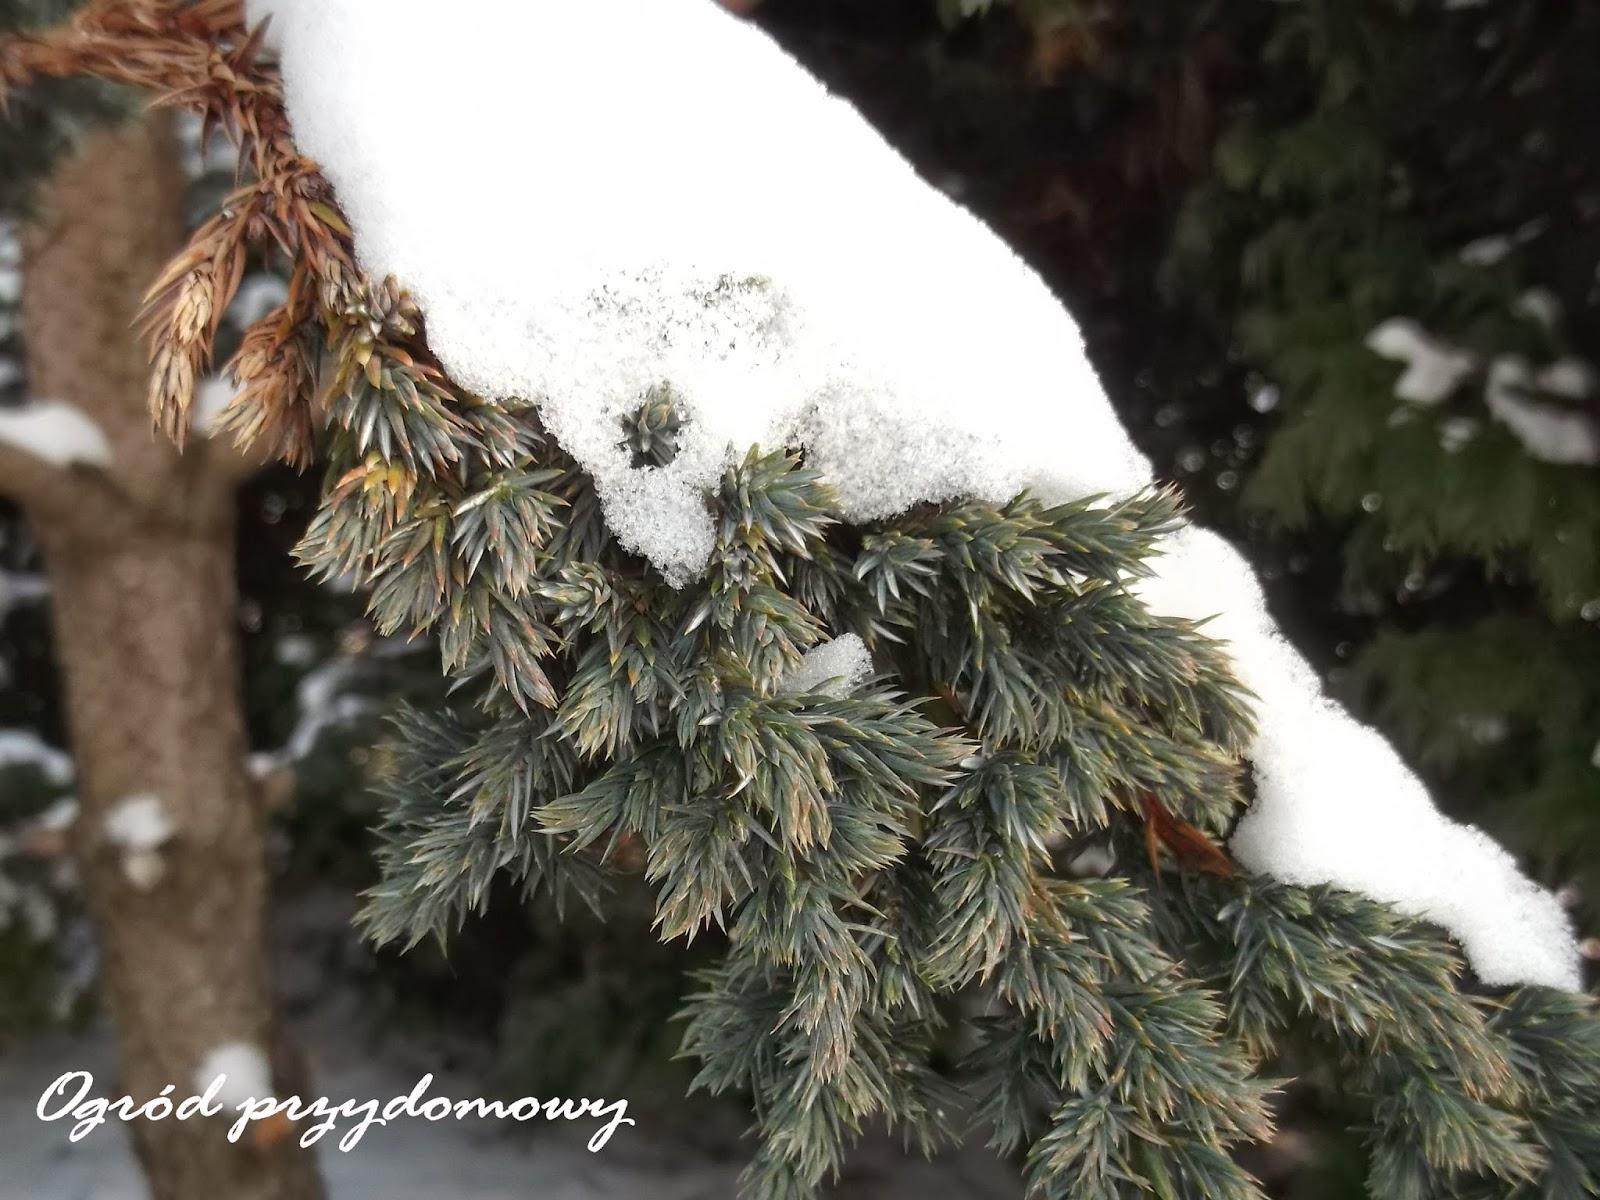 śnieg w ogrodzie, ogród przydomowy